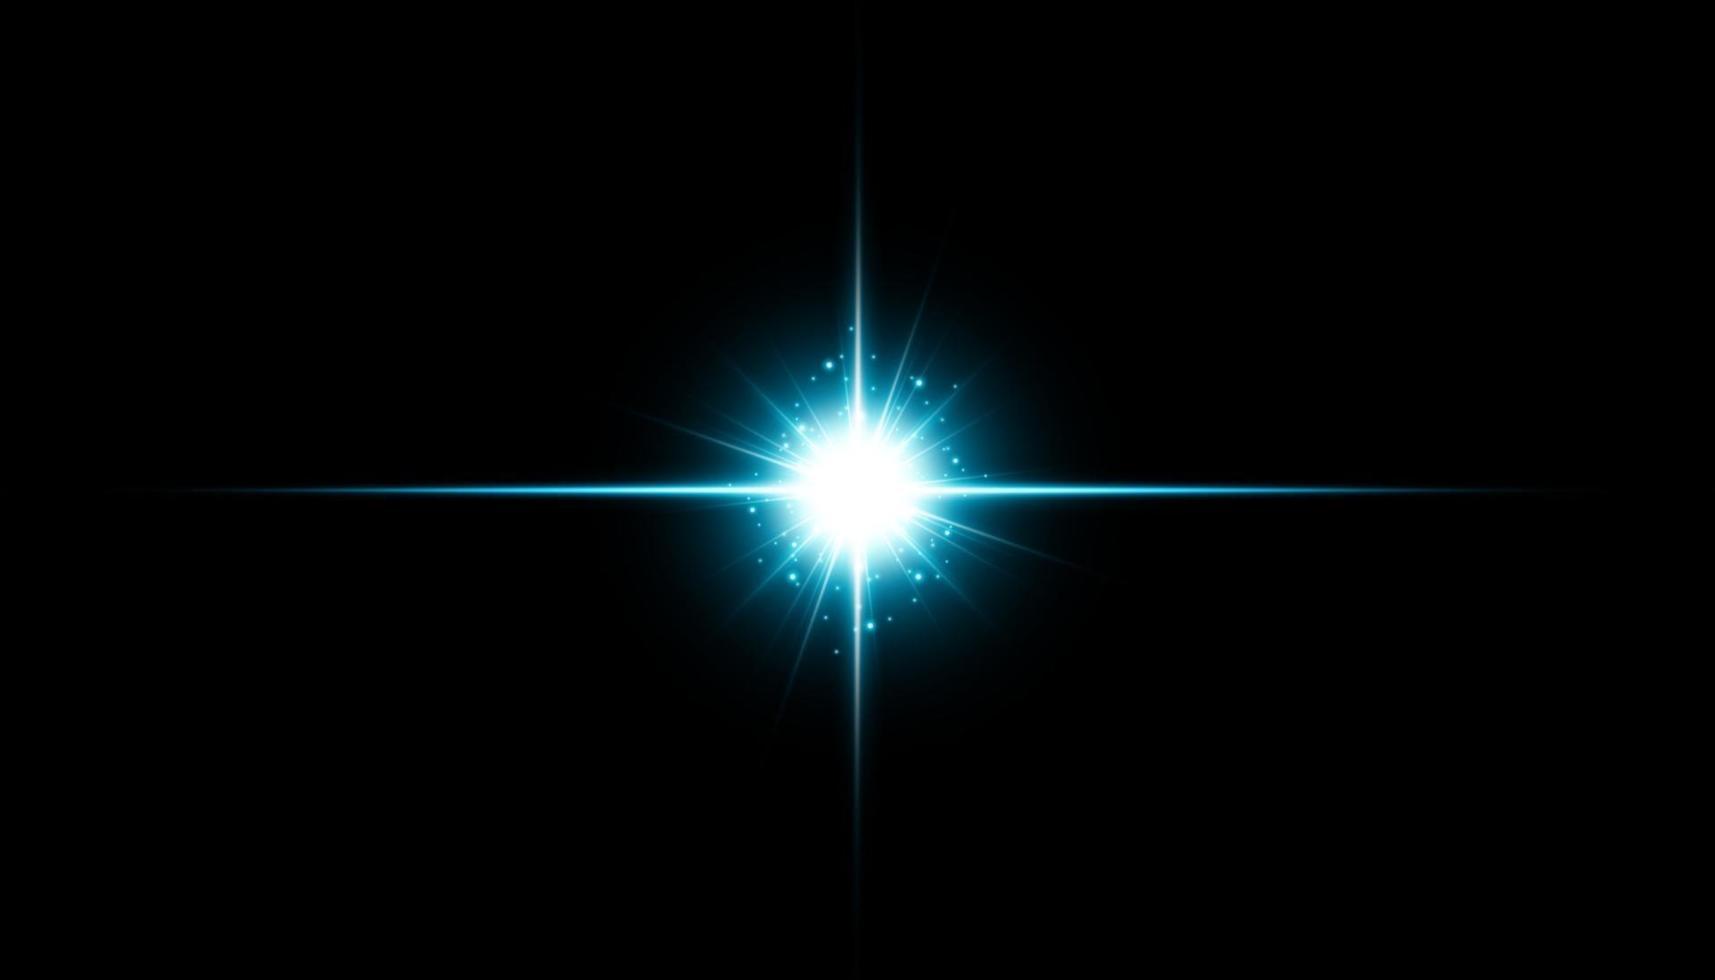 gloed geïsoleerd blauw transparant effect, lensflare, explosie, glitter, lijn, zonneflits, vonk en sterren. ter illustratie sjabloon art design, banner voor kerst vieren, magische flits energie straal. vector